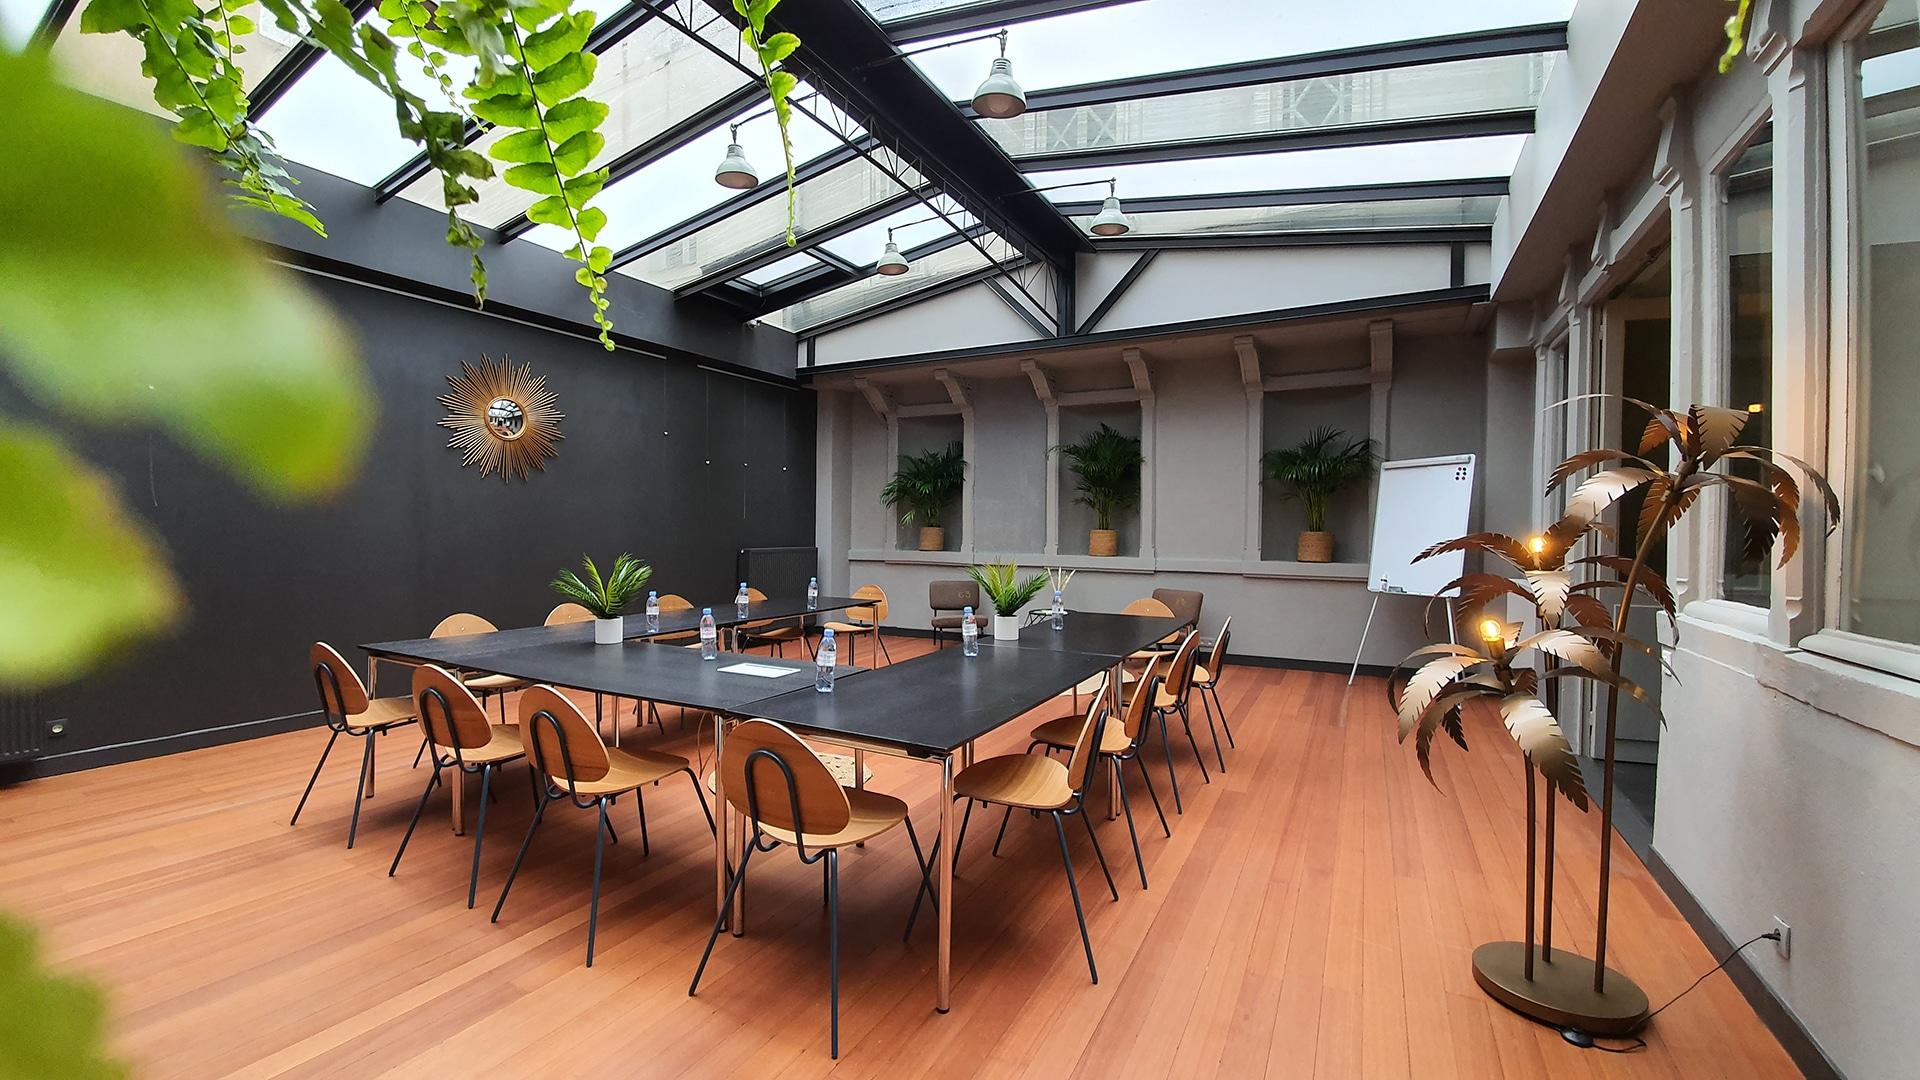 Location salle pour conférence à Nantes